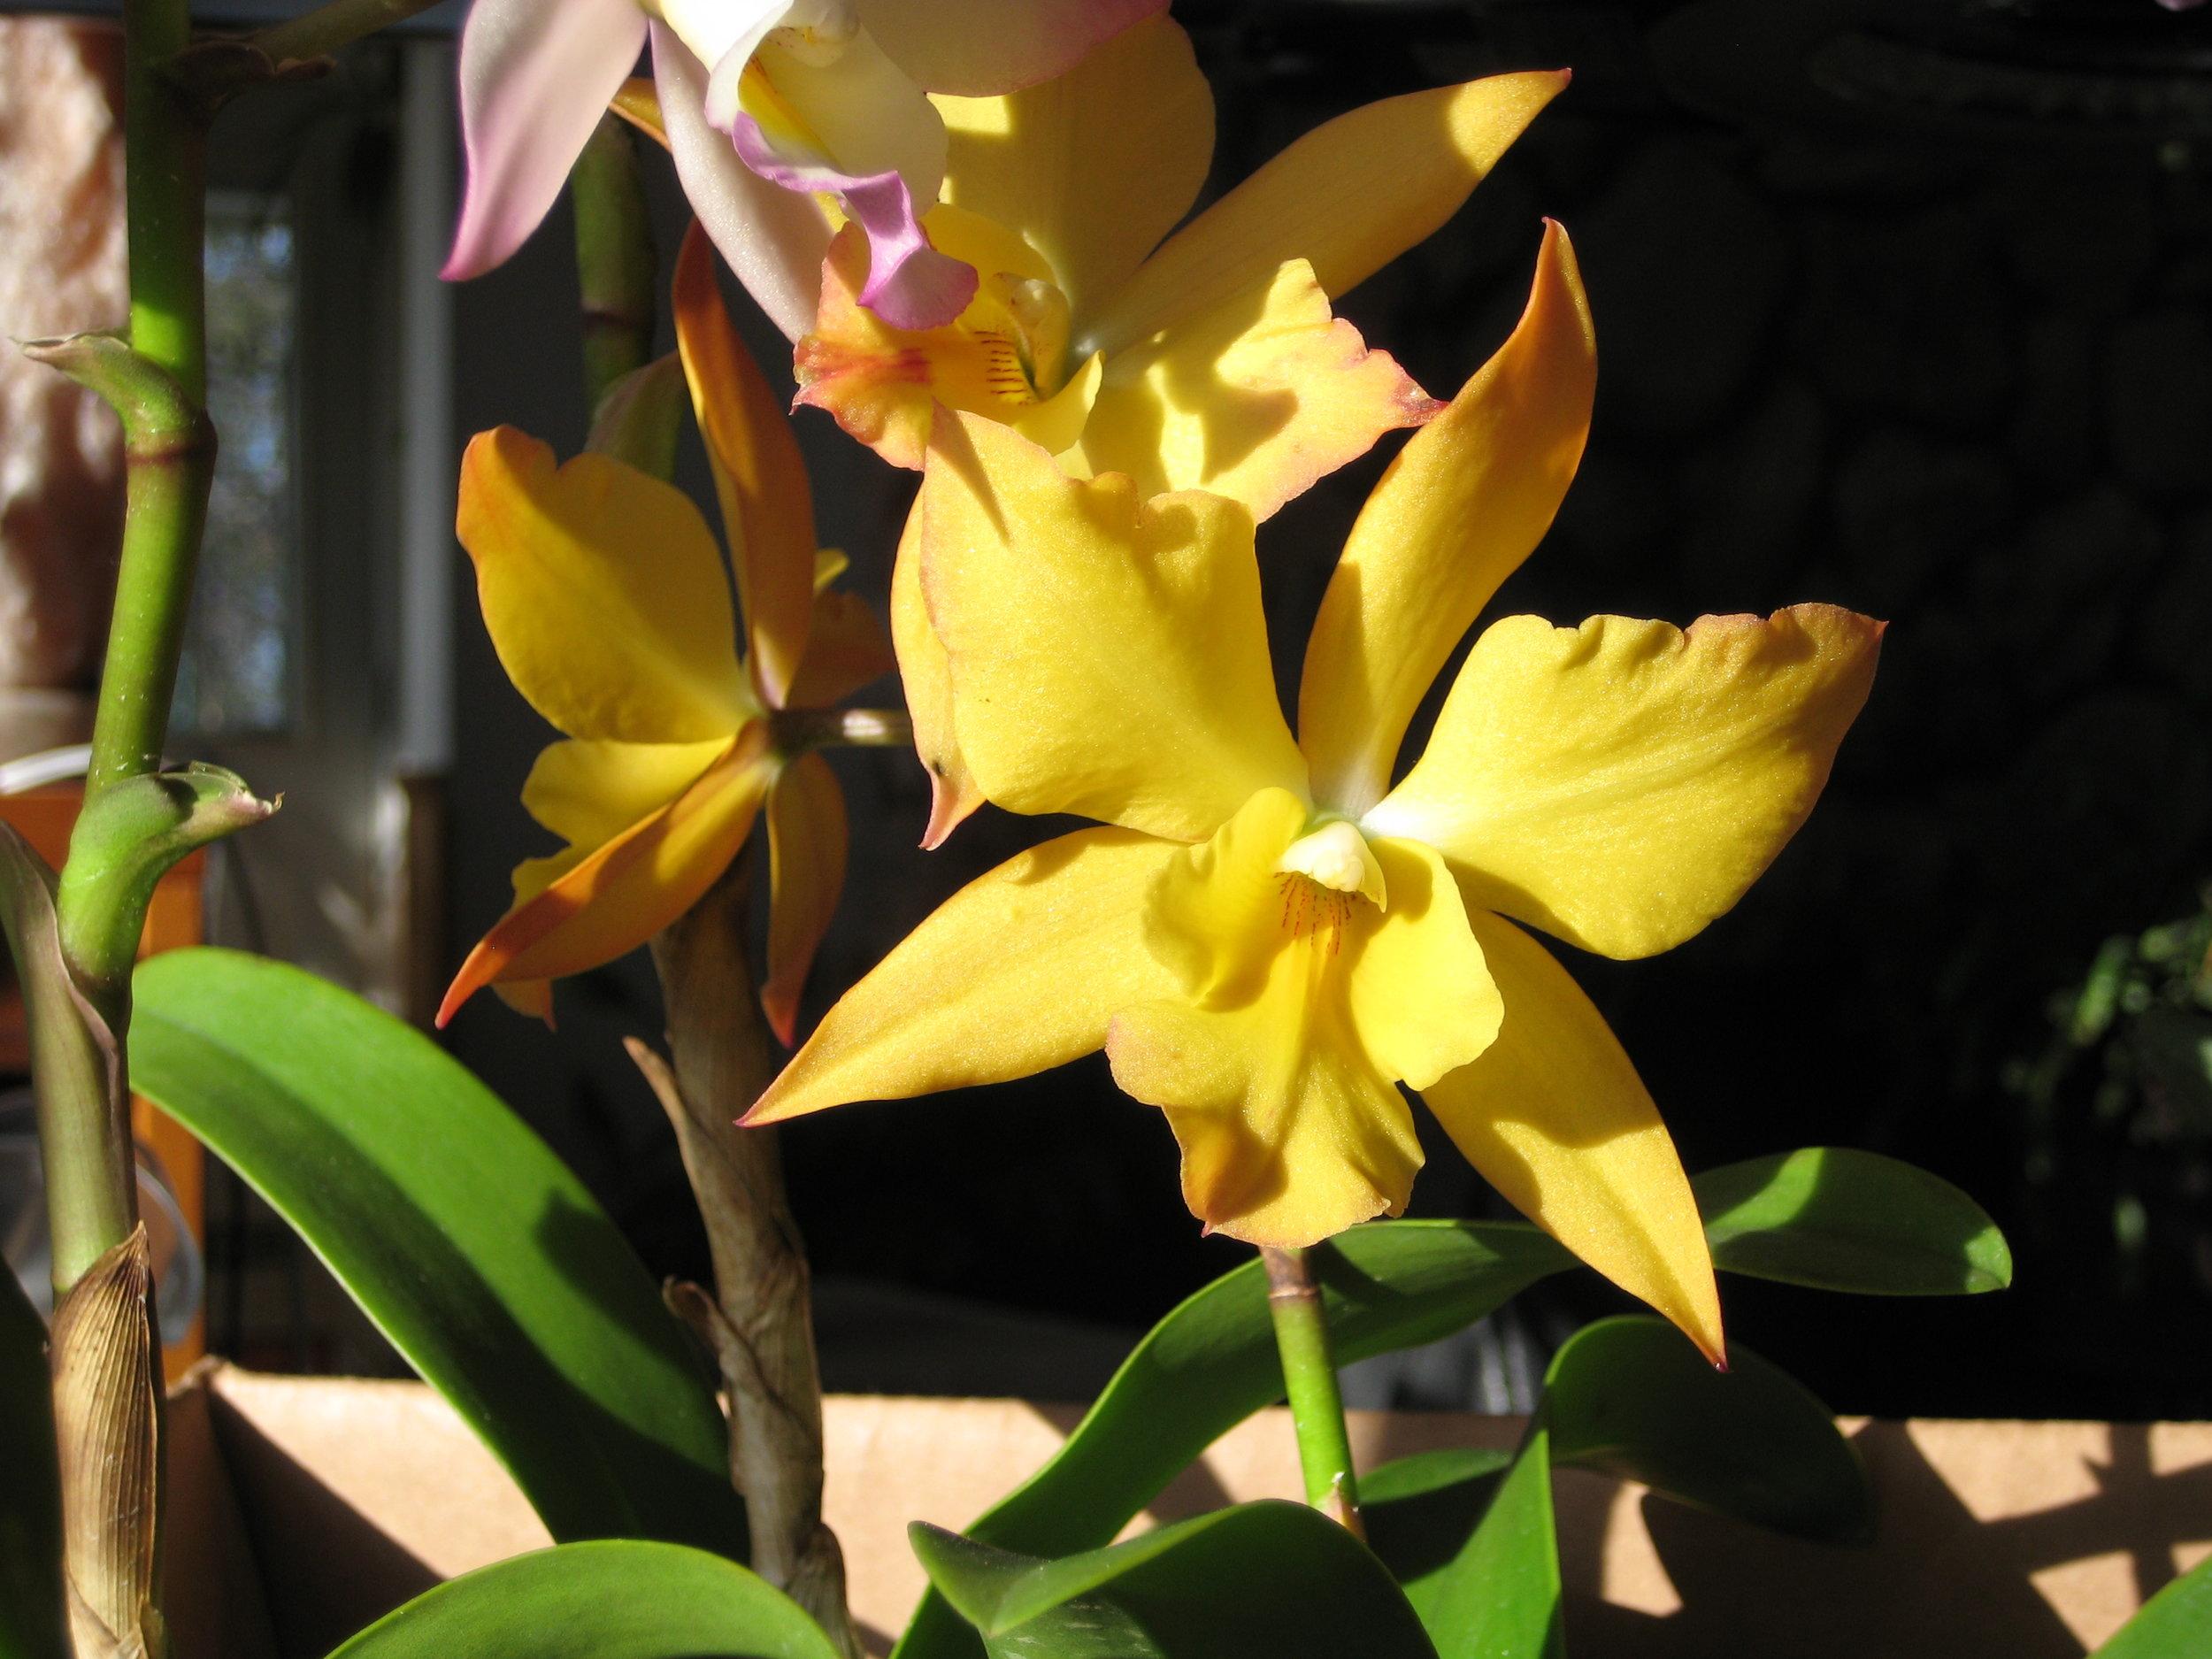 Iwanagara Appleblossom 'Golden Beauty' (2).JPG